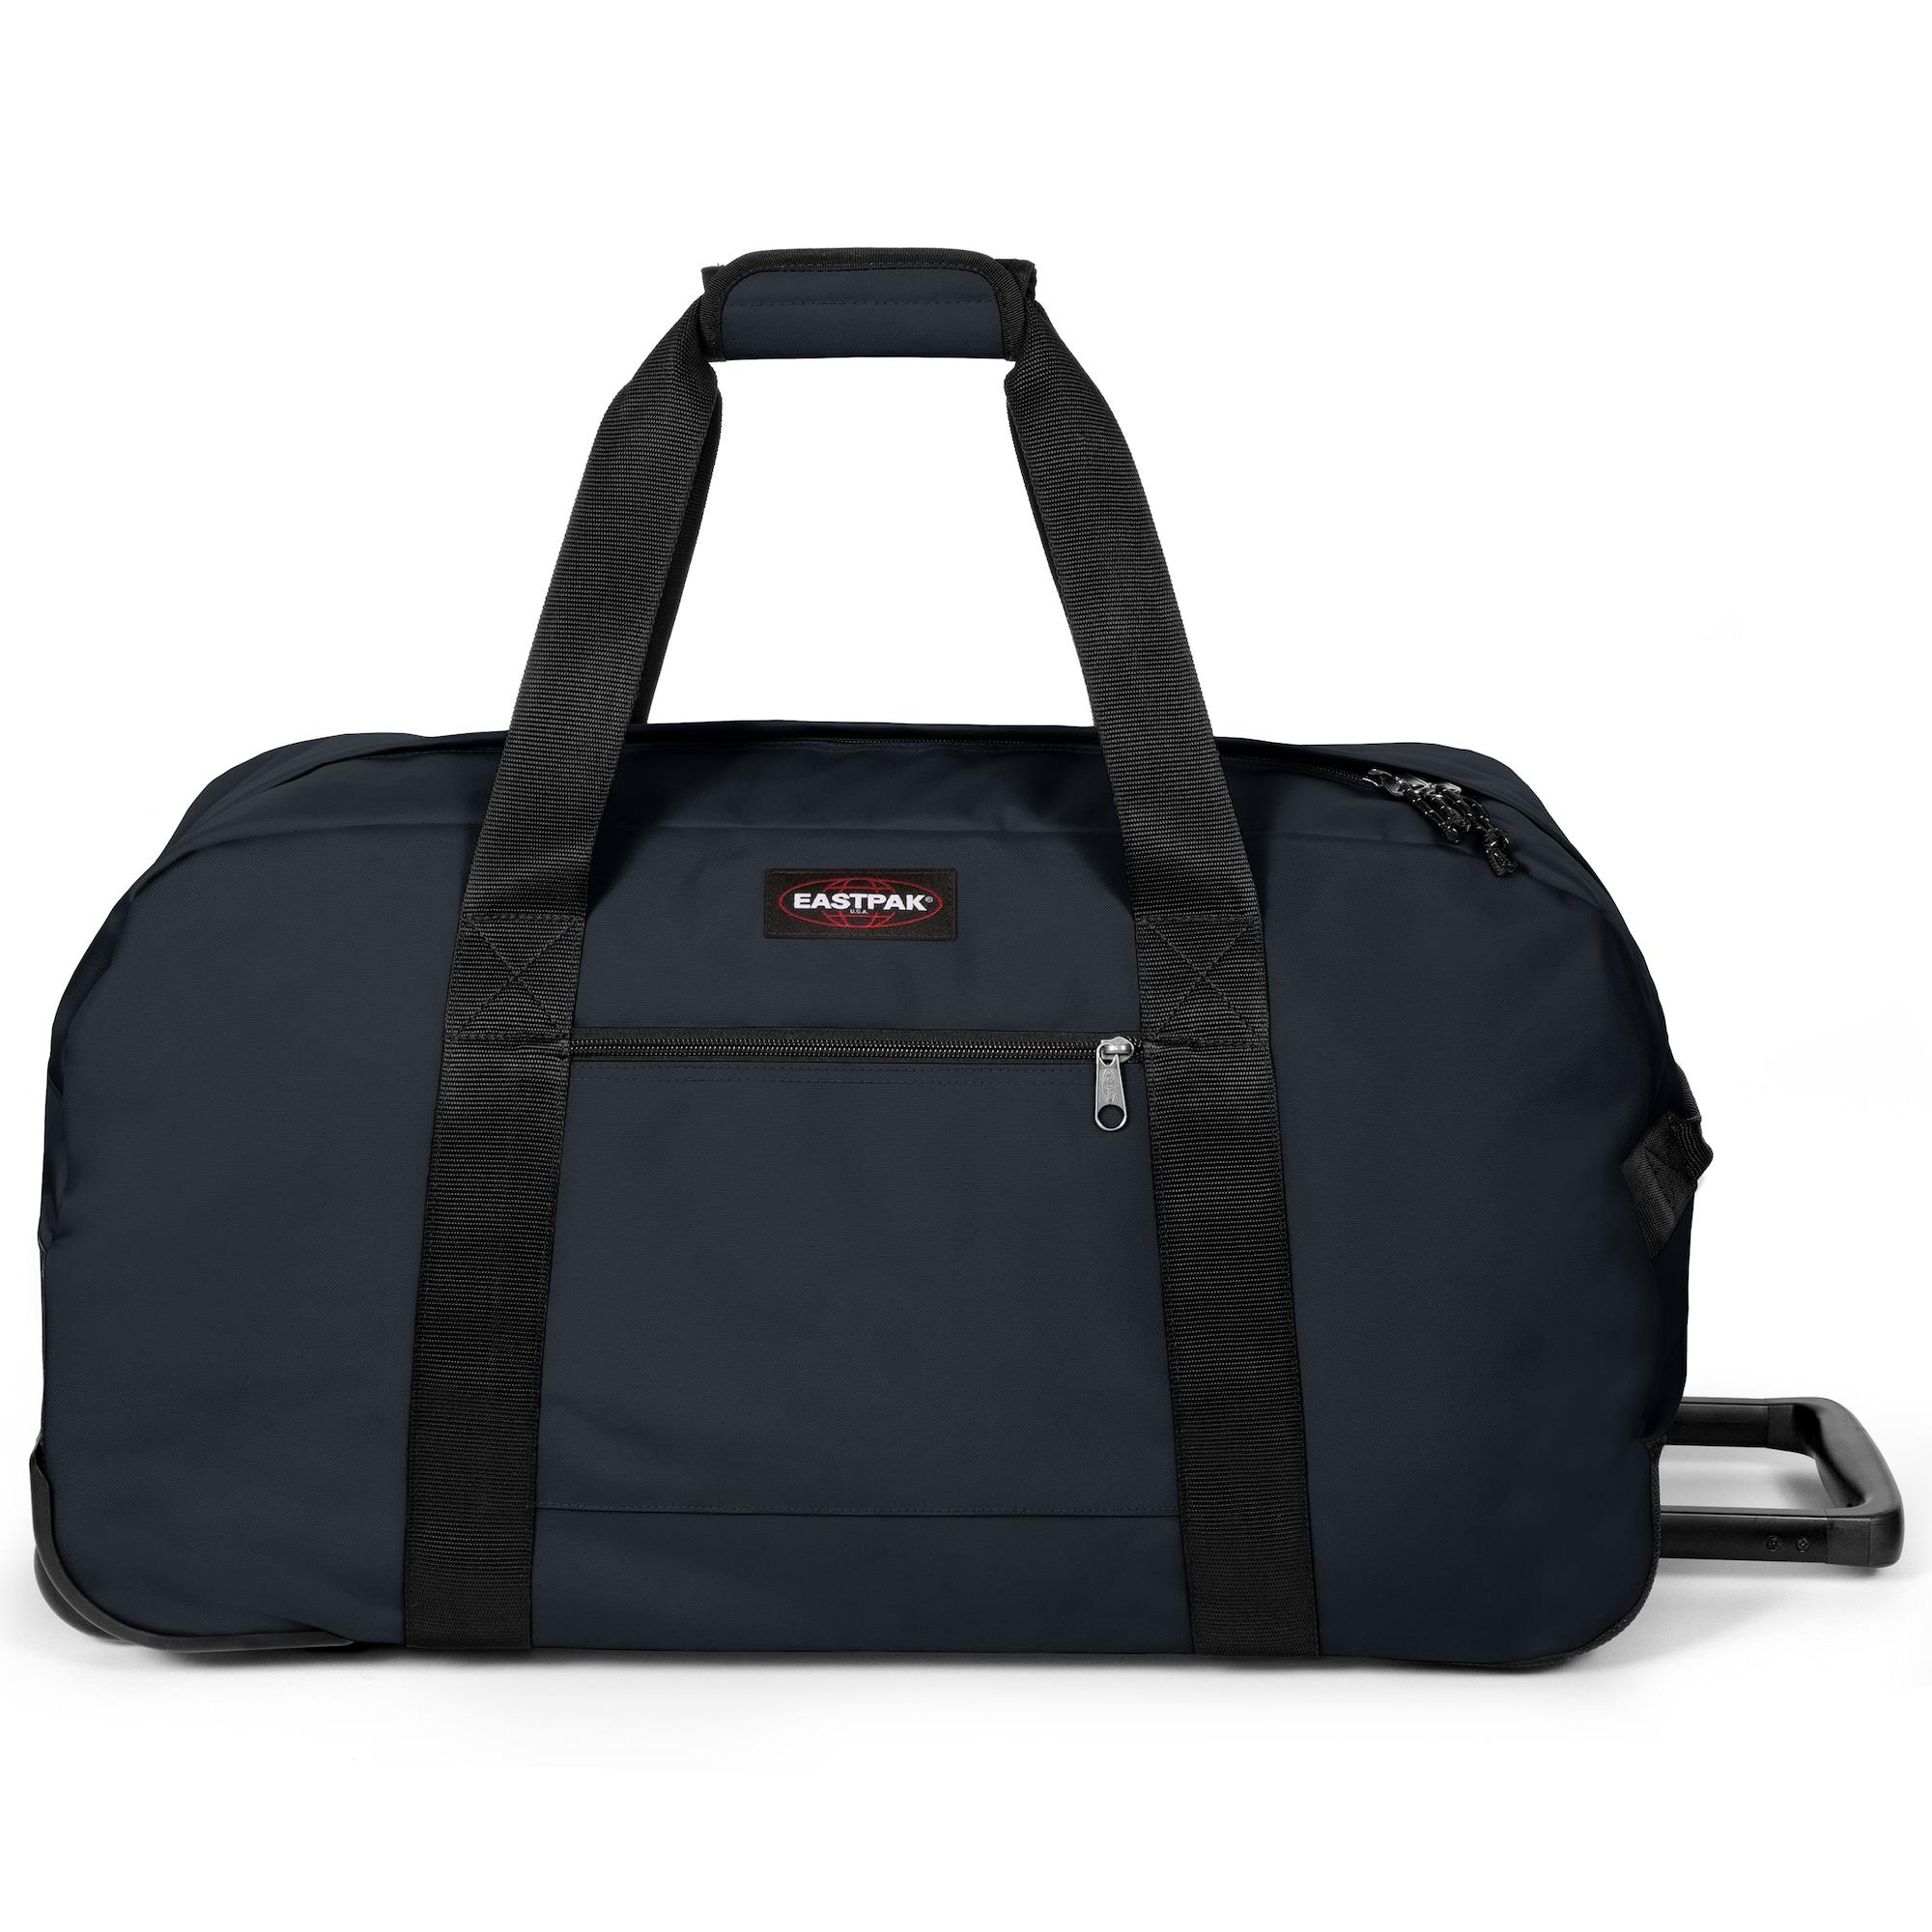 Reisetasche 83 cm   Taschen > Handtaschen > Sonstige Handtaschen   Eastpak